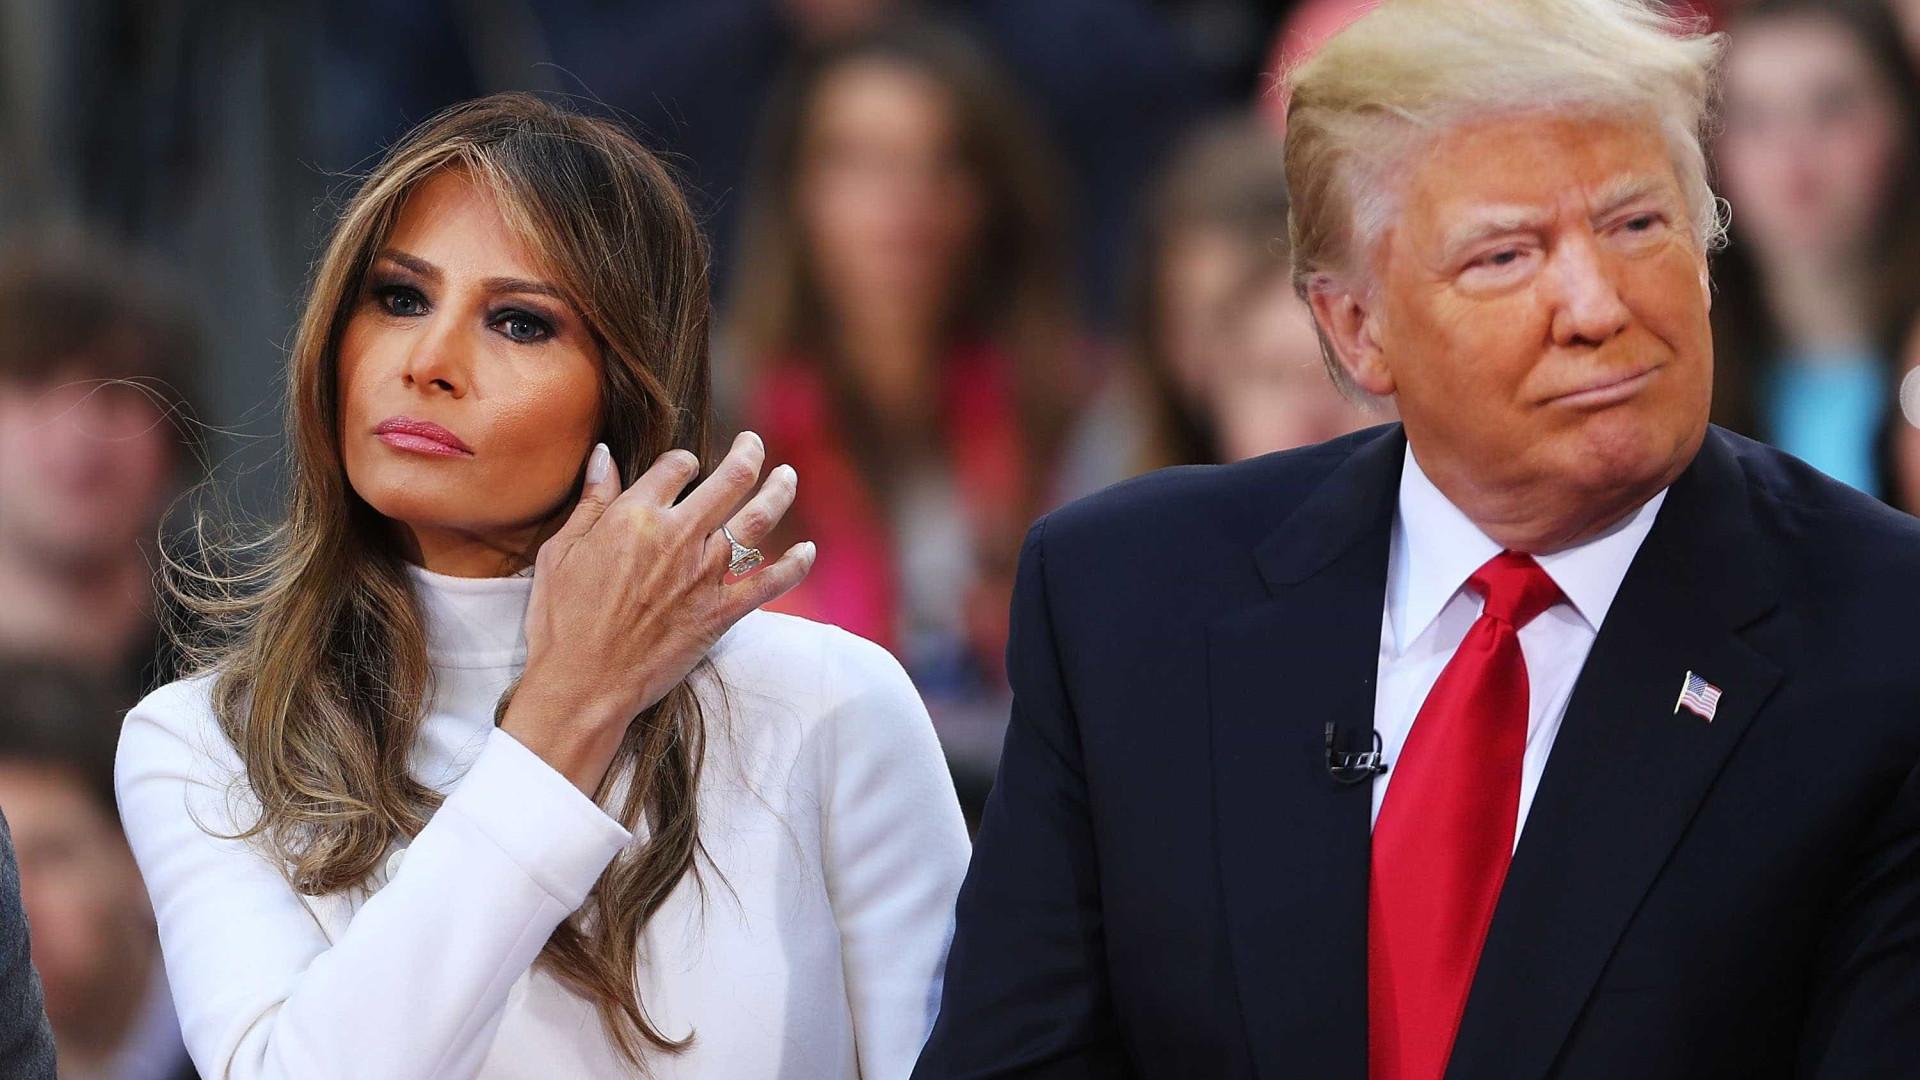 Trump queixa-se de 'fake news' sobre ele e Melania